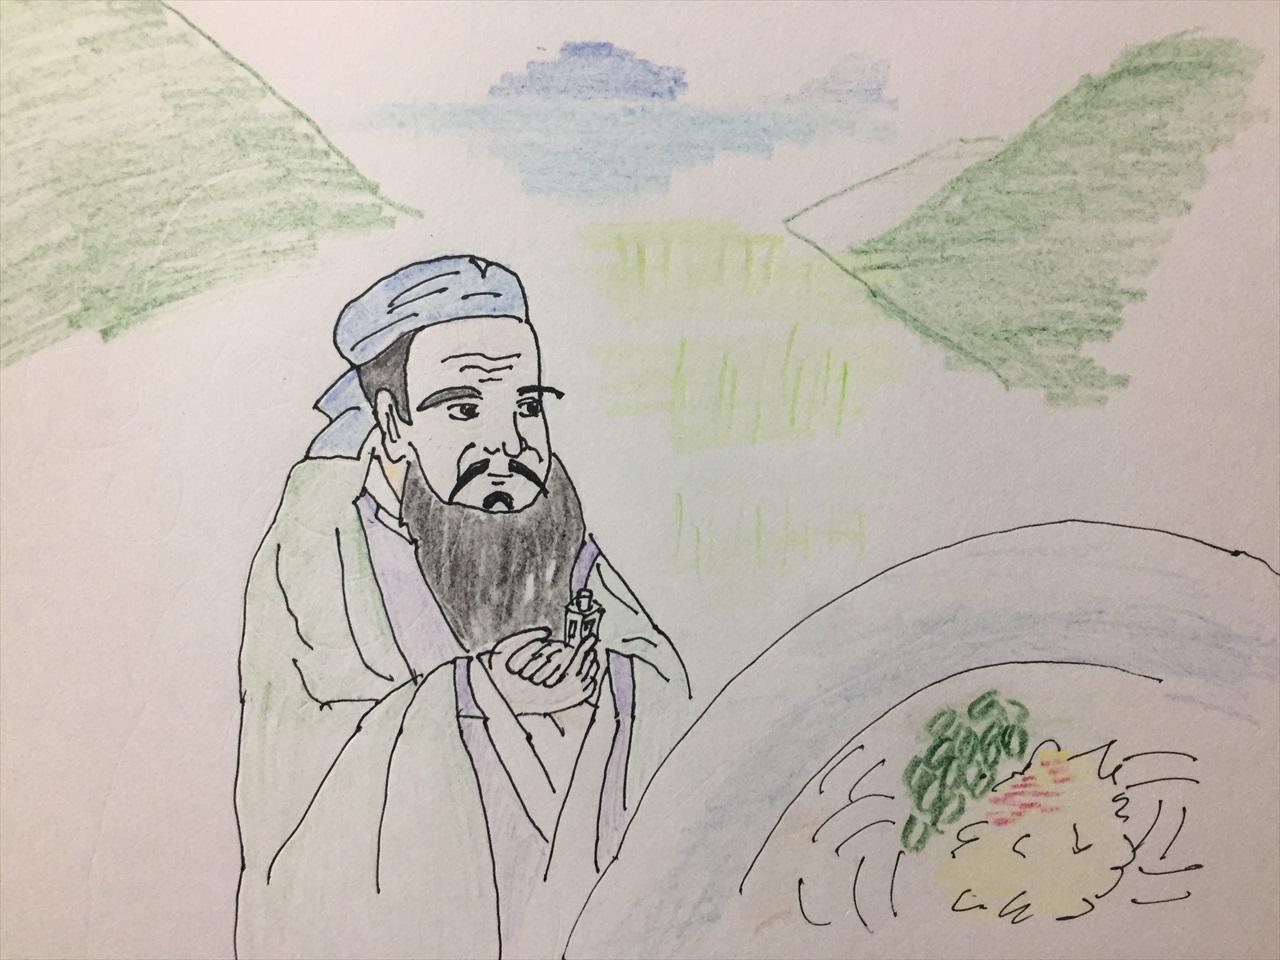 ウジケさんと子ども哲学(10) 社会と歴史に学ぶ(1)